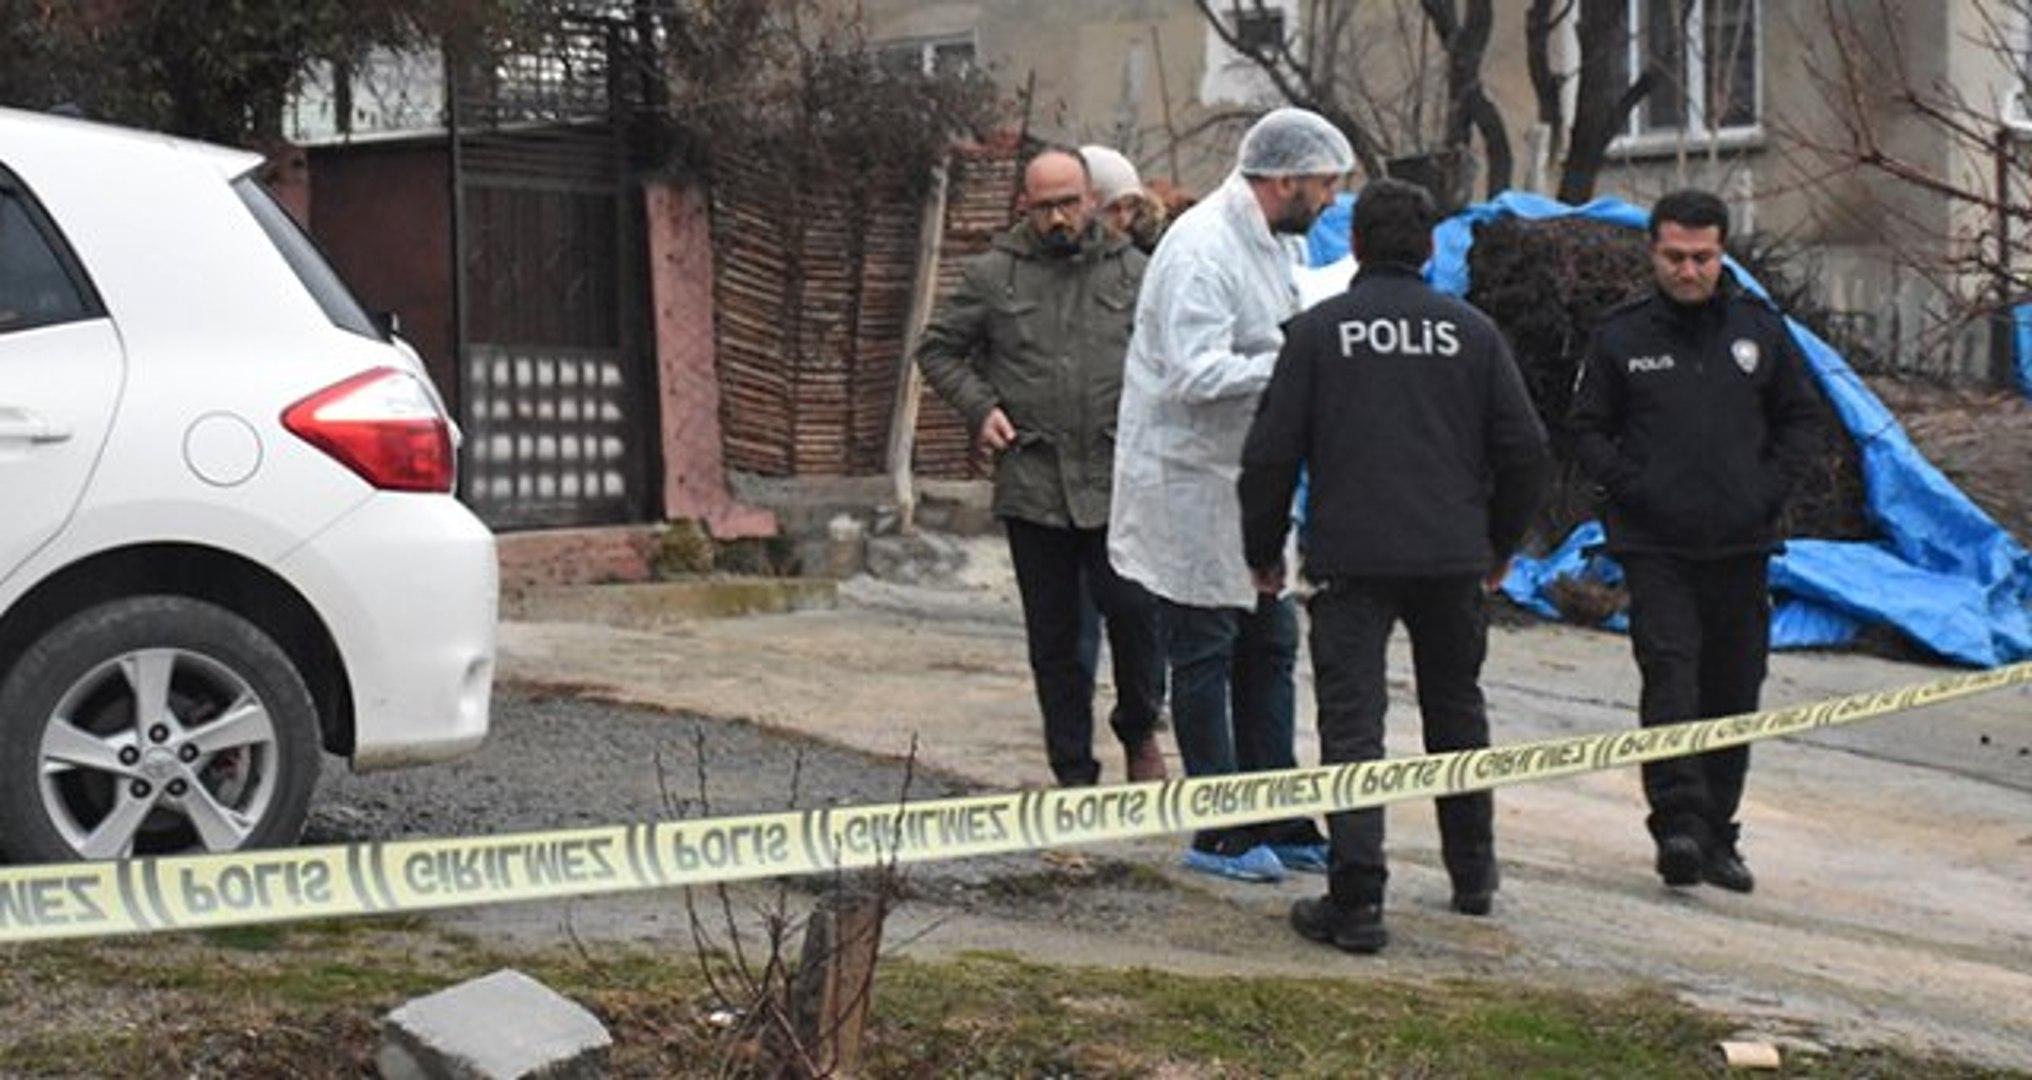 Eski Kocasını Öldürüp Kayıp Başvurusunda Bulunan Kadını, 14 Yaşındaki Kızı Ele Verdi